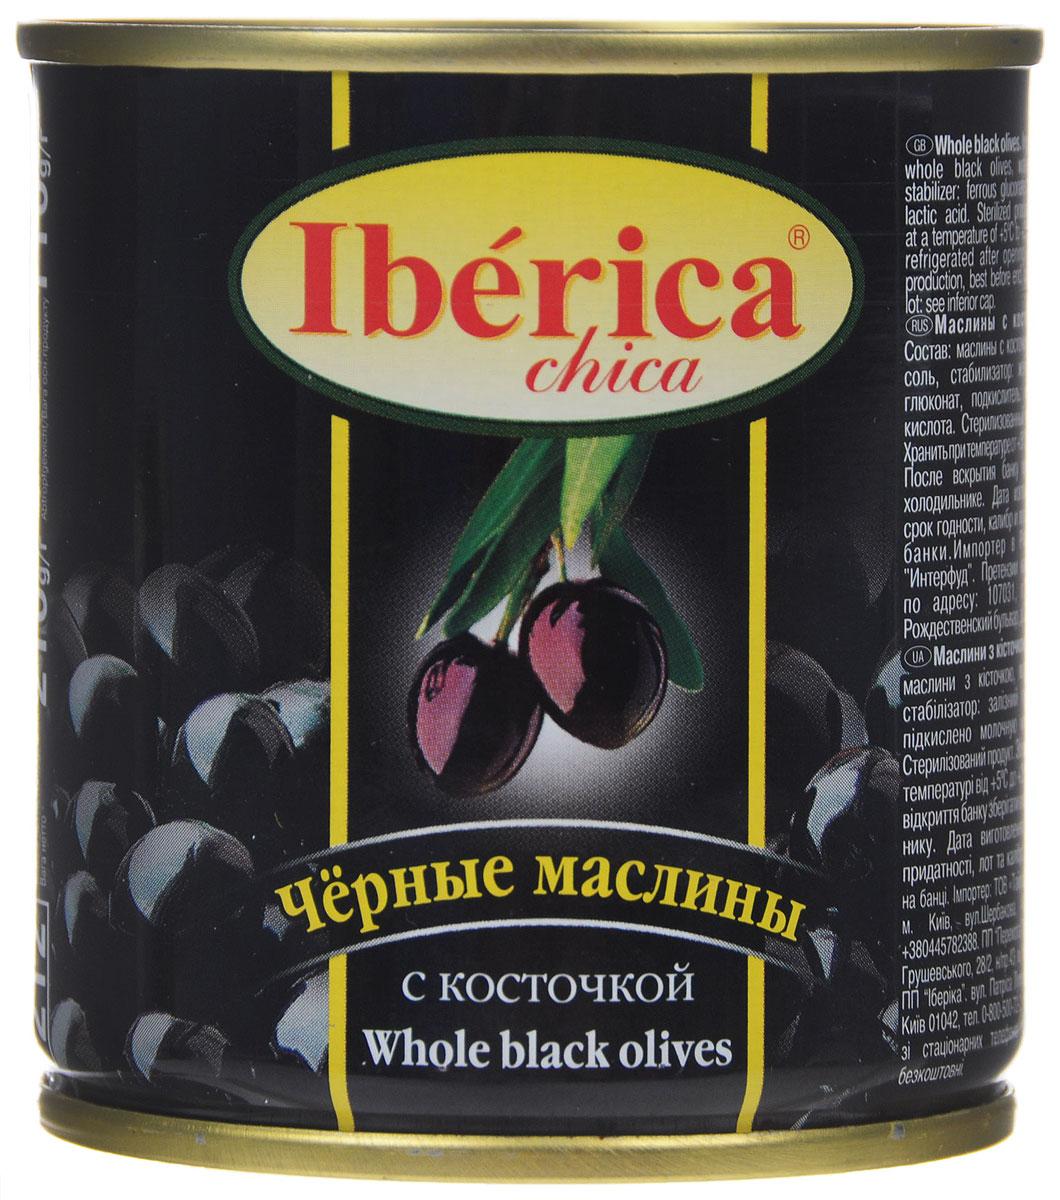 Iberica Сhica маслины с косточкой, 210 г0710006/1Превосходные черные маслины Iberica Сhica с косточкой. Оливки и маслины Iberica - давно знакомый потребителям бренд, один из лидеров в данной категории продуктов.